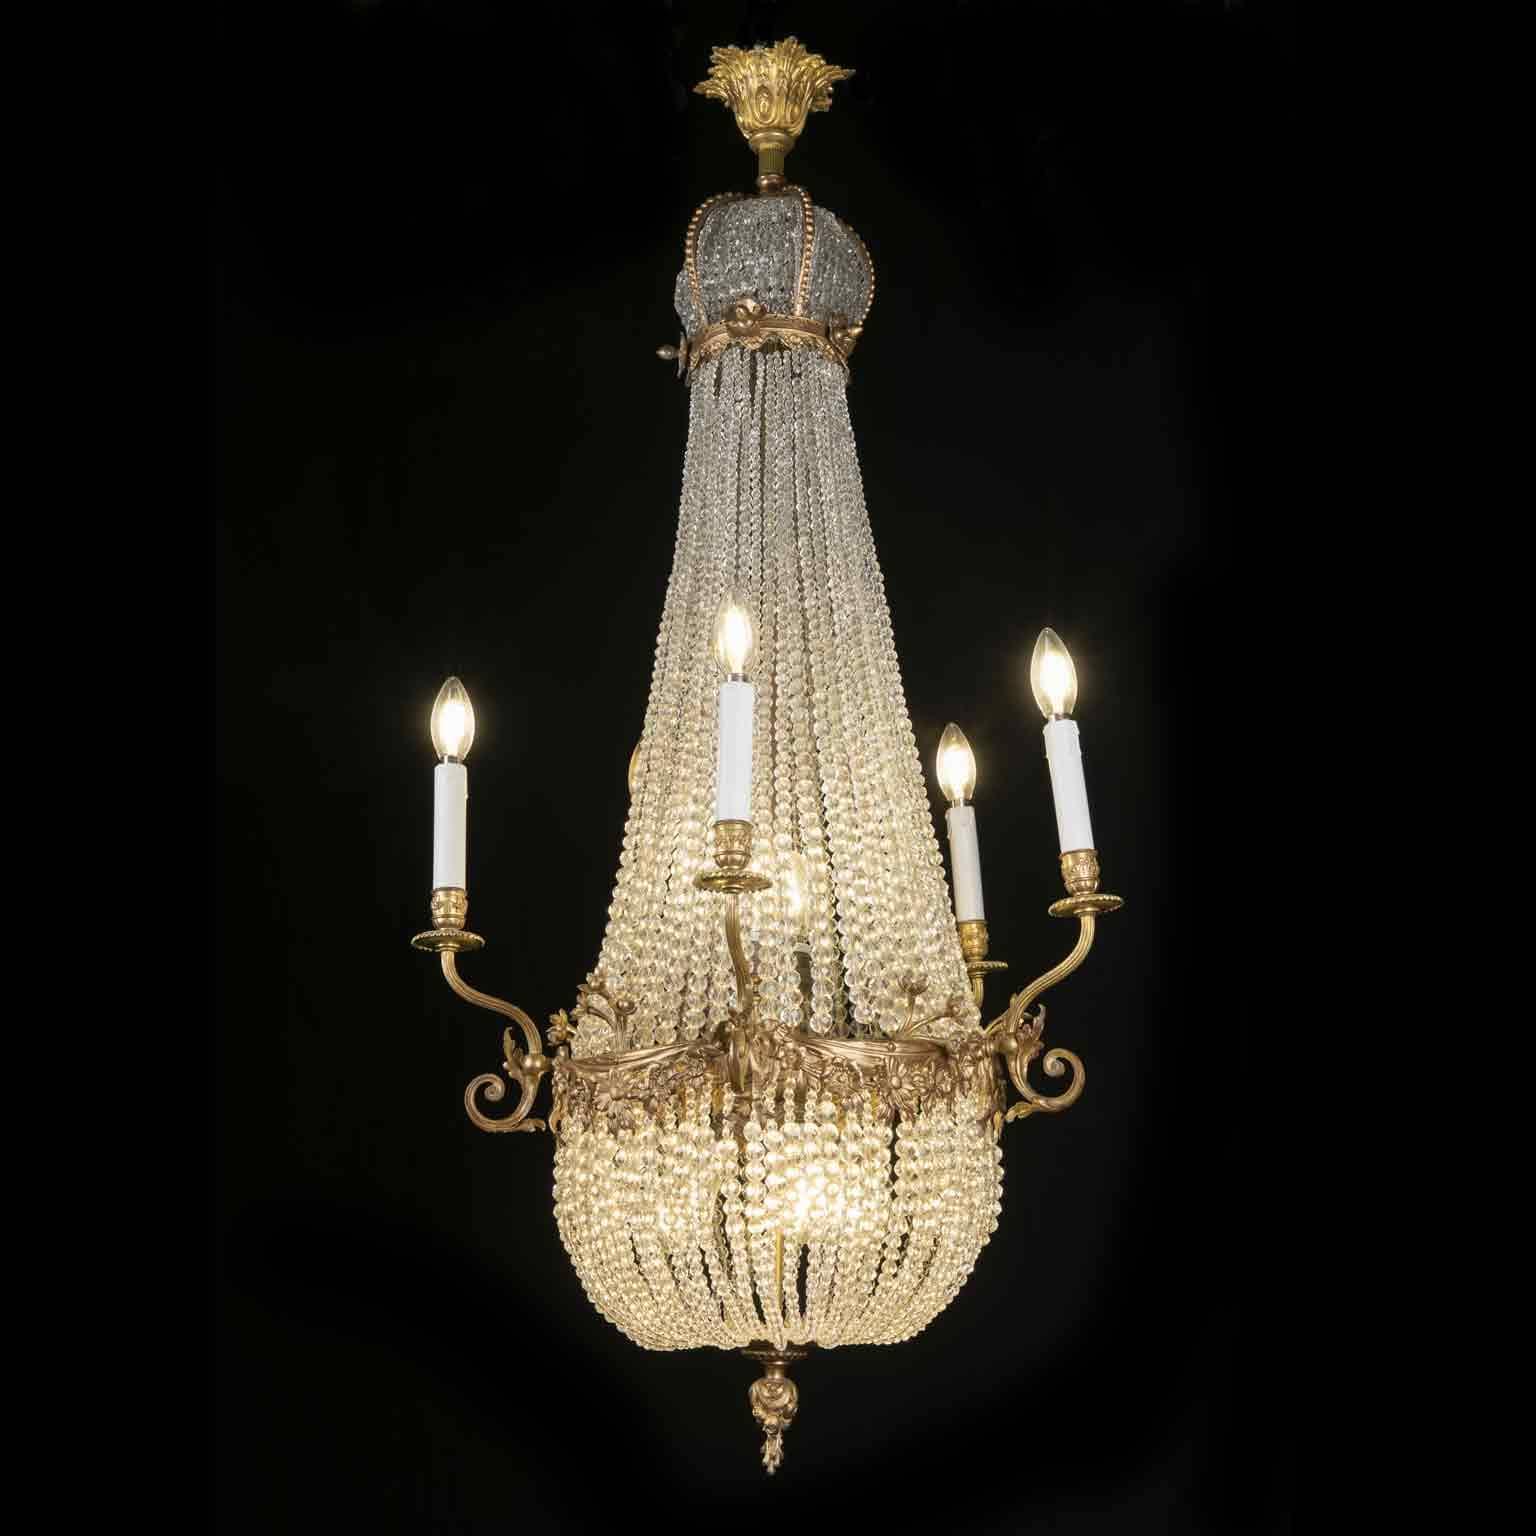 lampadario Impero del XIX secolo in cristallo e bronzo dorato